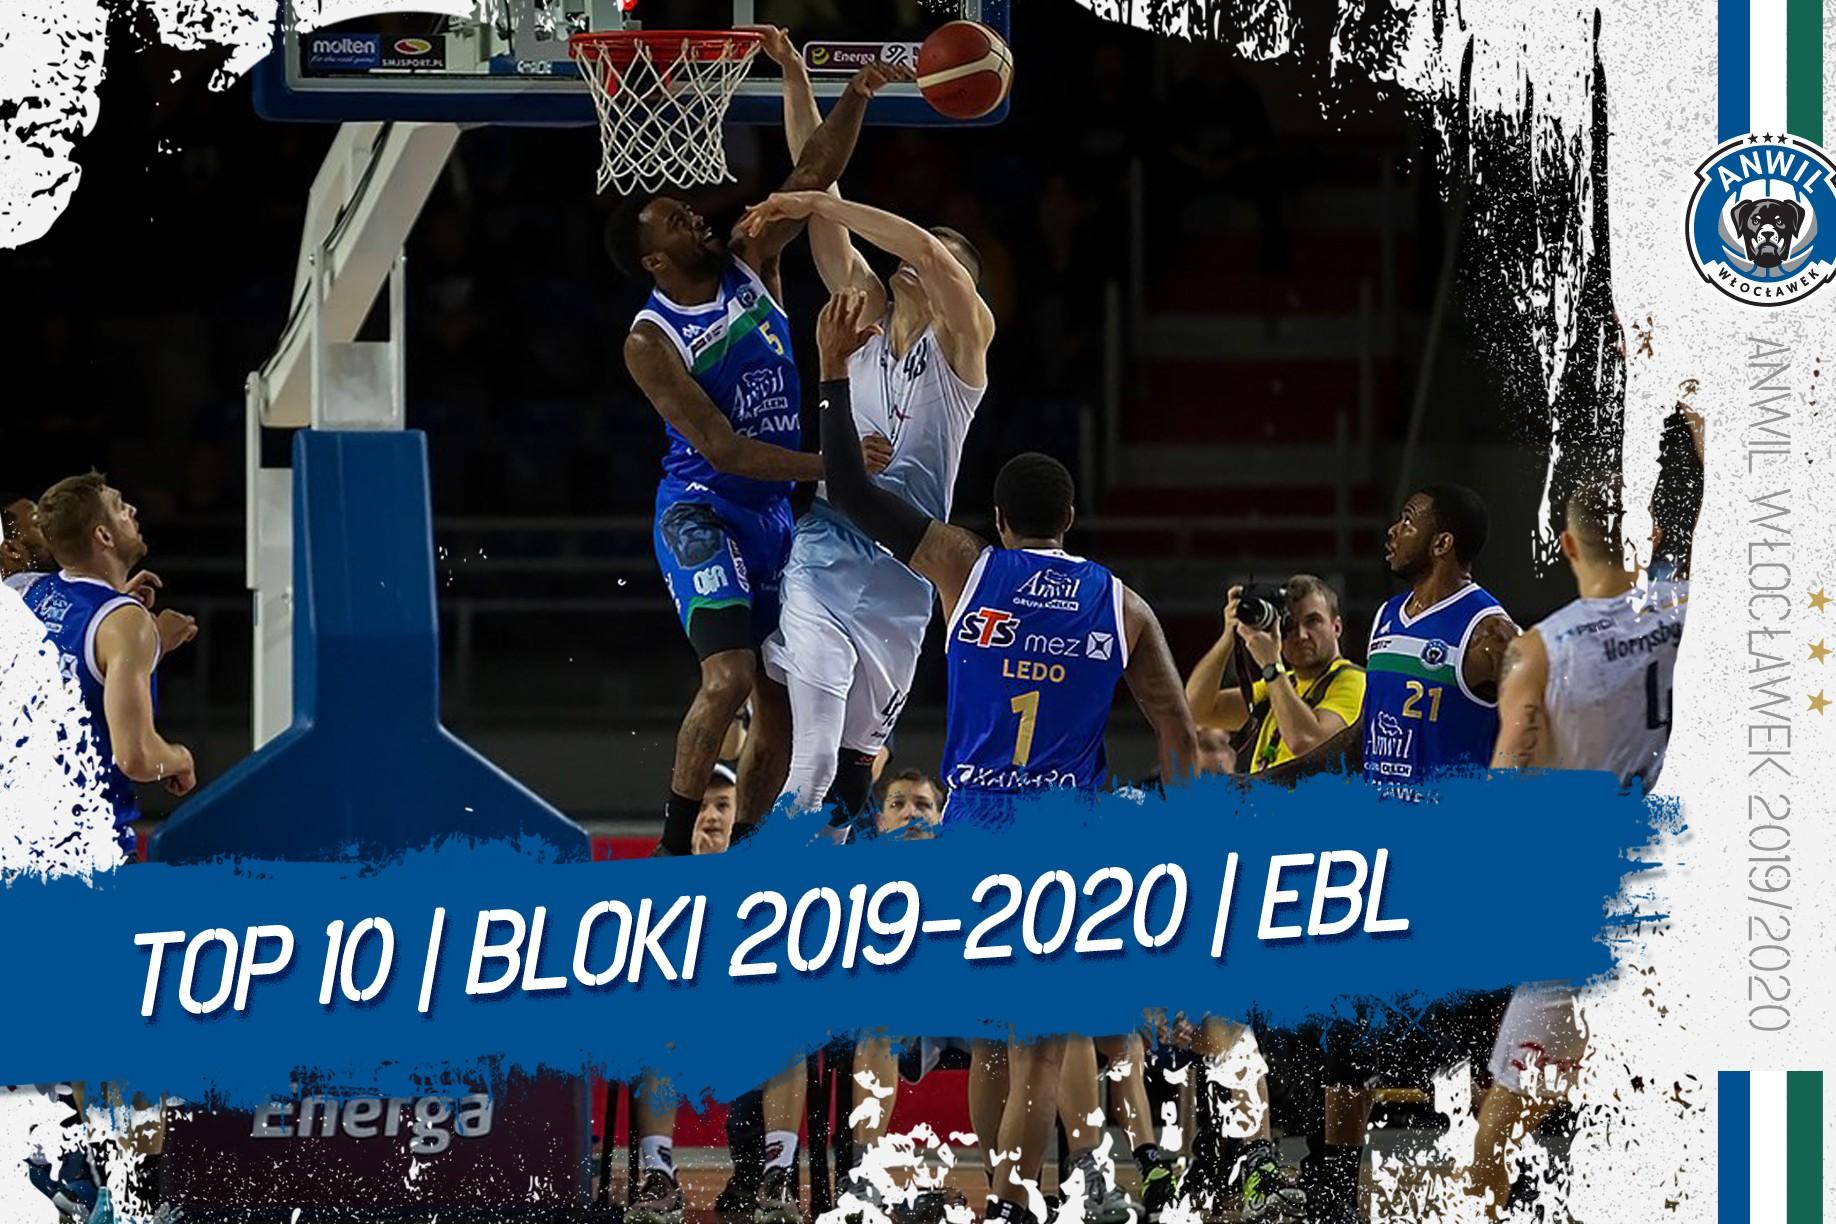 Wideo | TOP 10 bloków Anwilu Włocławek w EBL 2019/2020